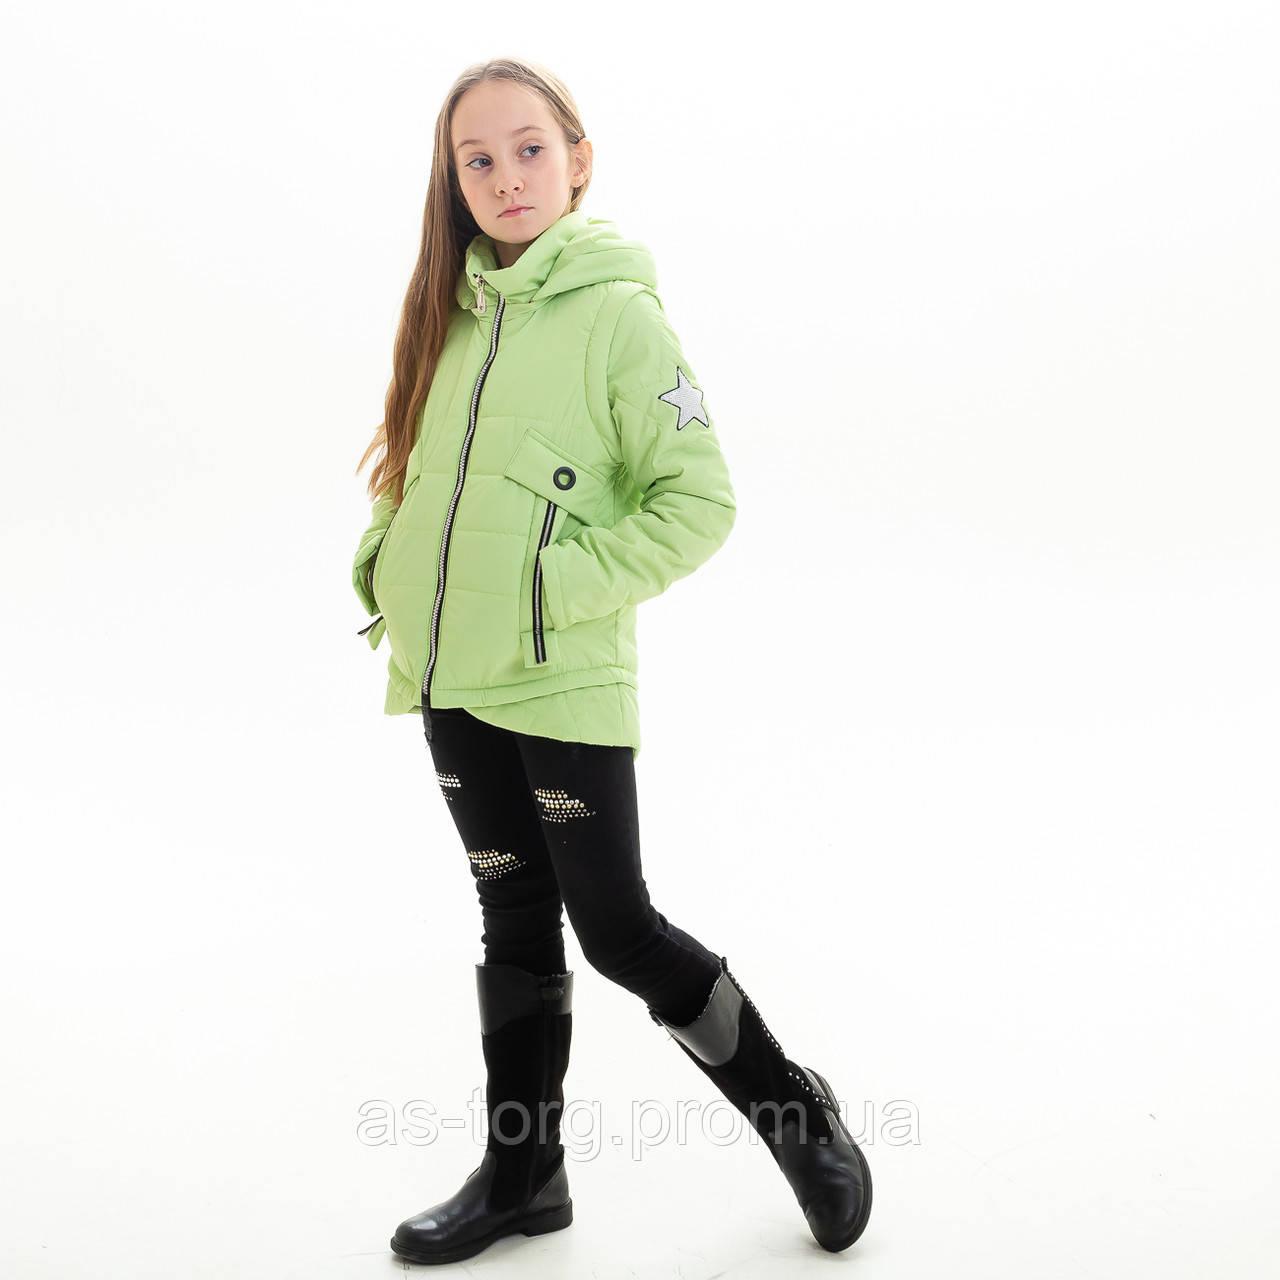 Куртка-жилет для девочки «Мира»